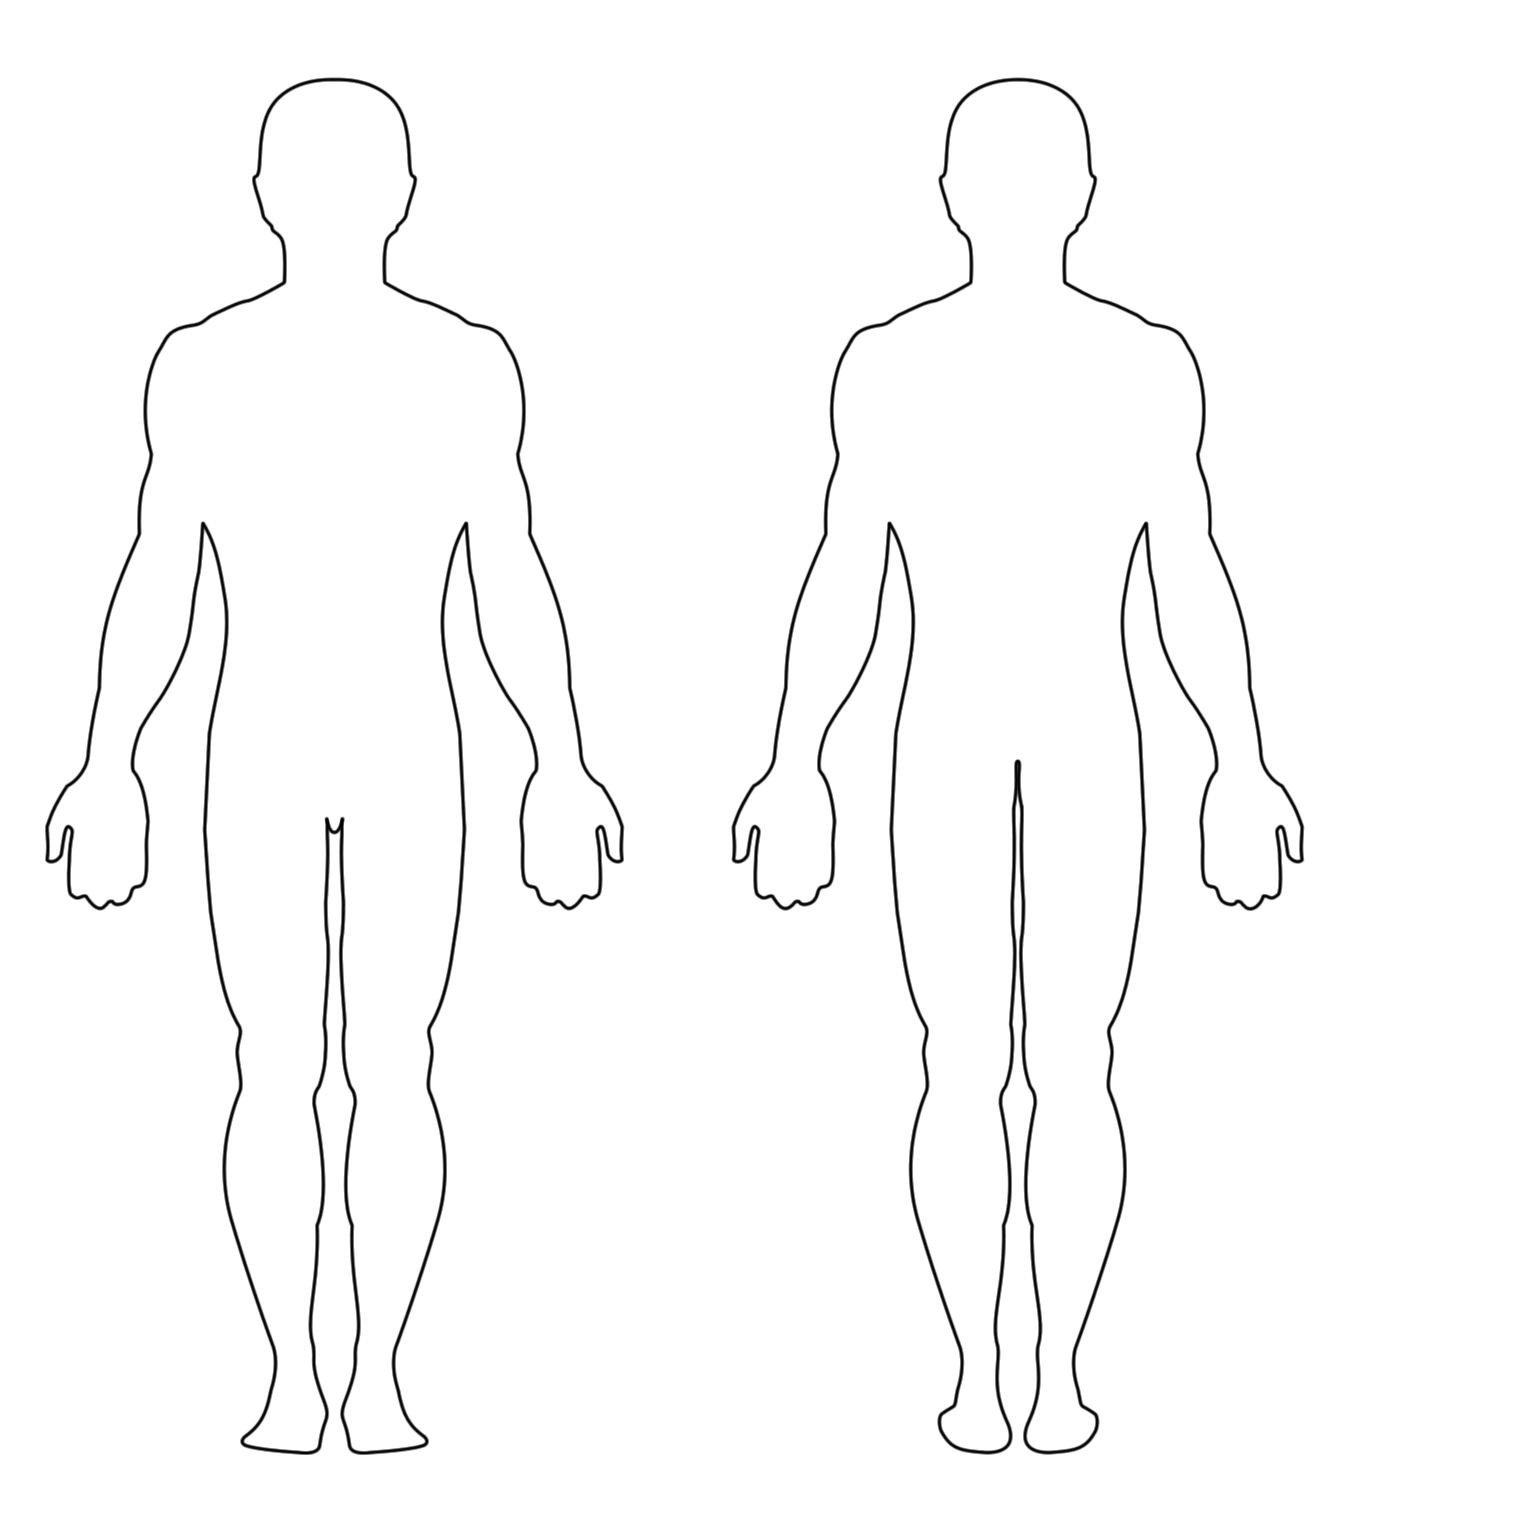 Human Body Outline Printable Free Human Body Outline Printable Download Free Clip Art